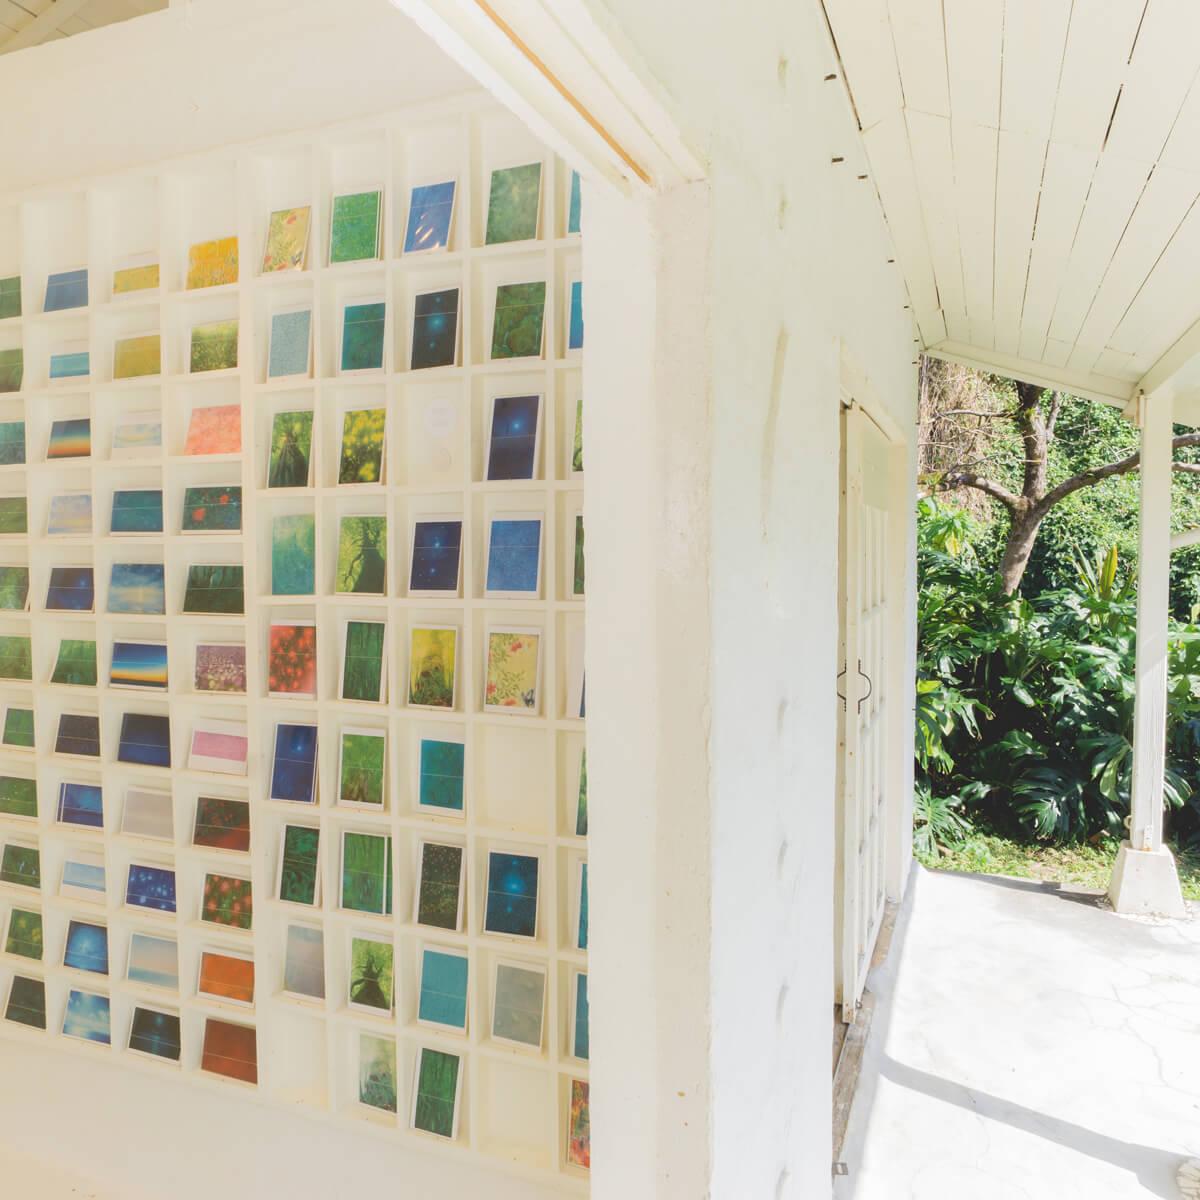 屋久島しずくギャラリー 絵画の部屋 屋久島の観光 屋久島でつくる結婚指輪